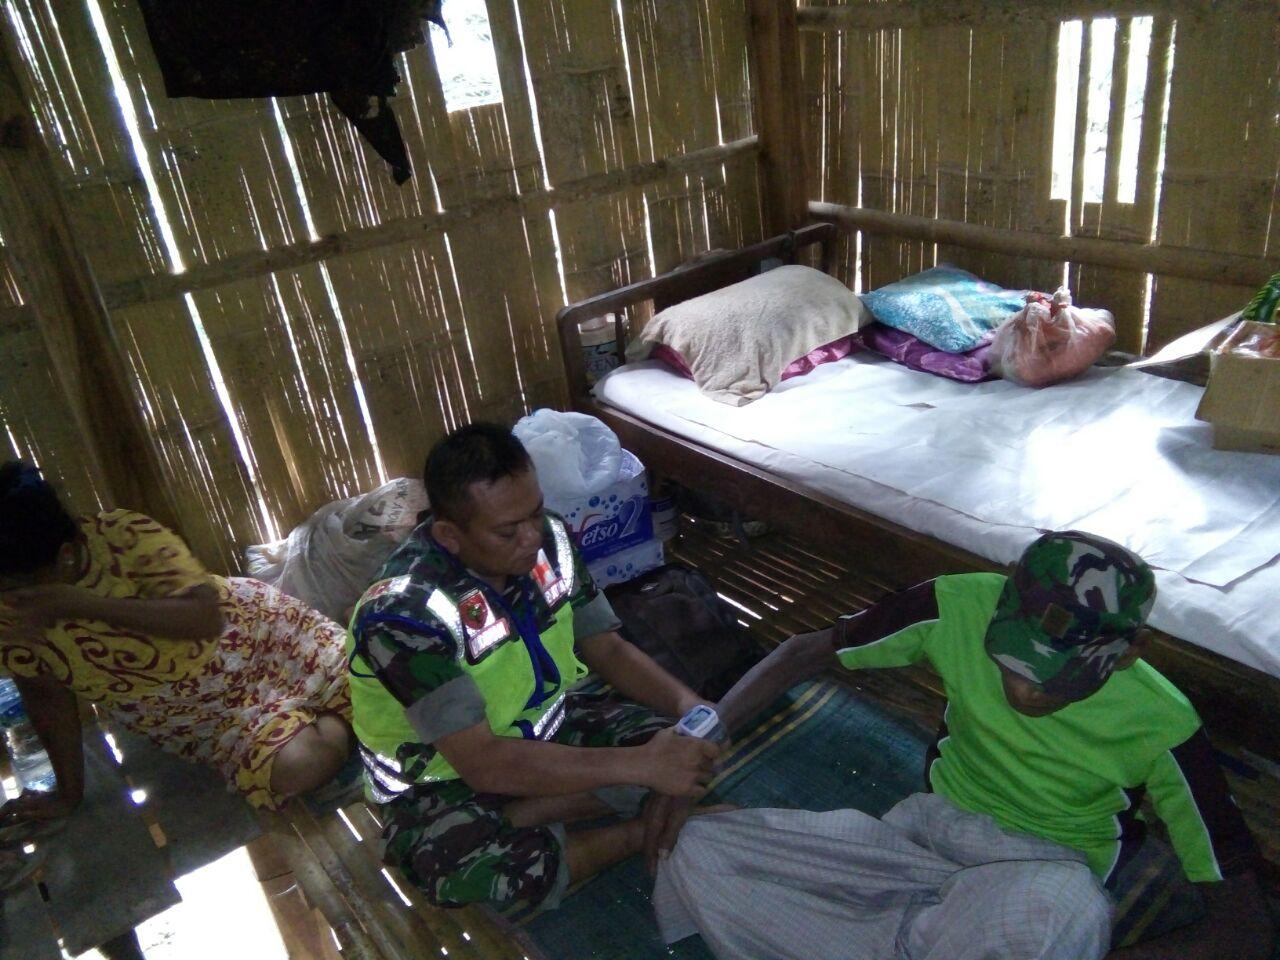 Podding, Kakek Renta Yang Sakit Dan Terlantar Dikunjungi Babinsa Marioriwawo